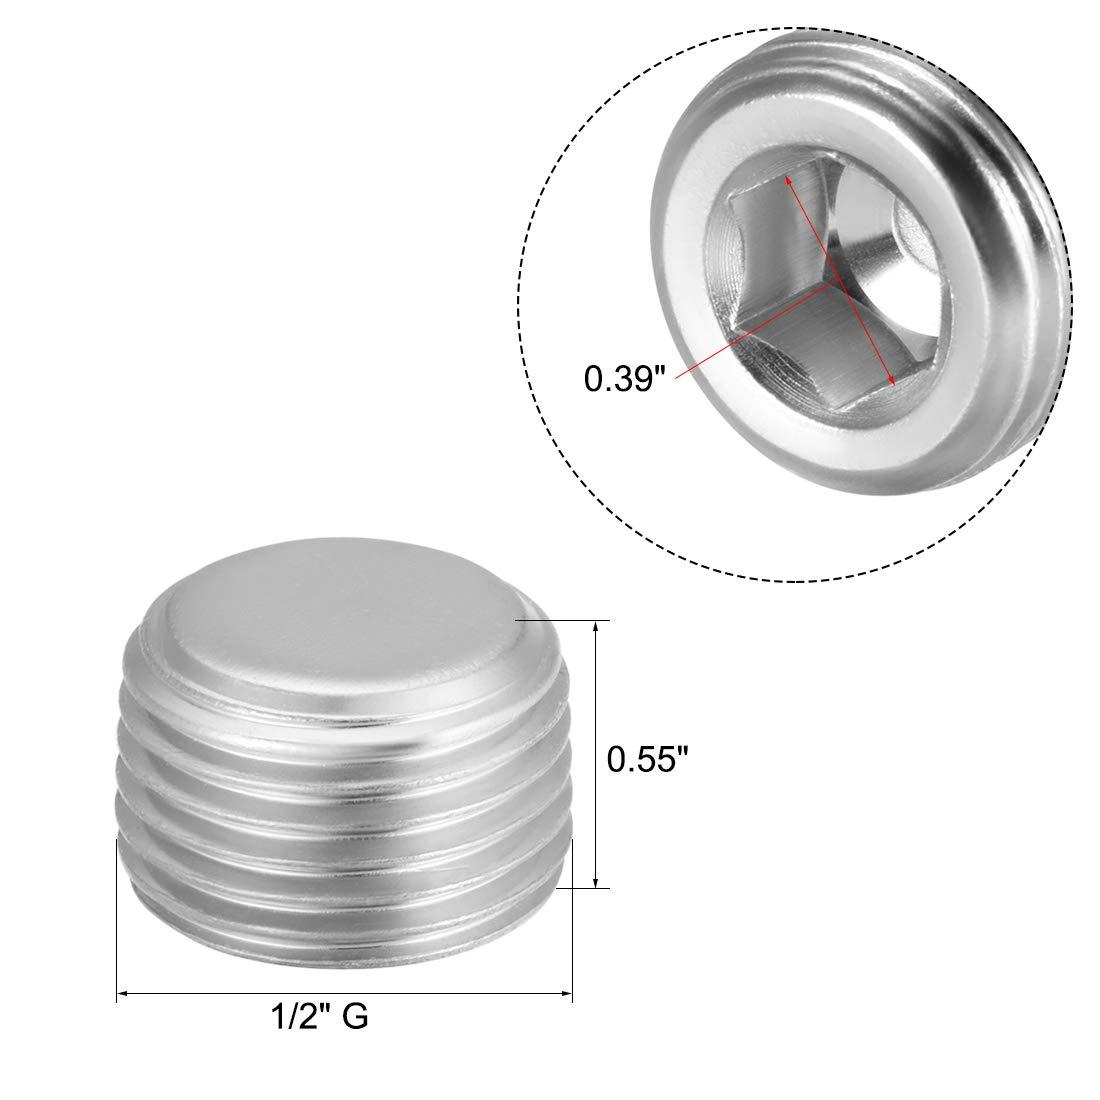 Uxcell a12082300ux0028 Socket Metal Connector Caps